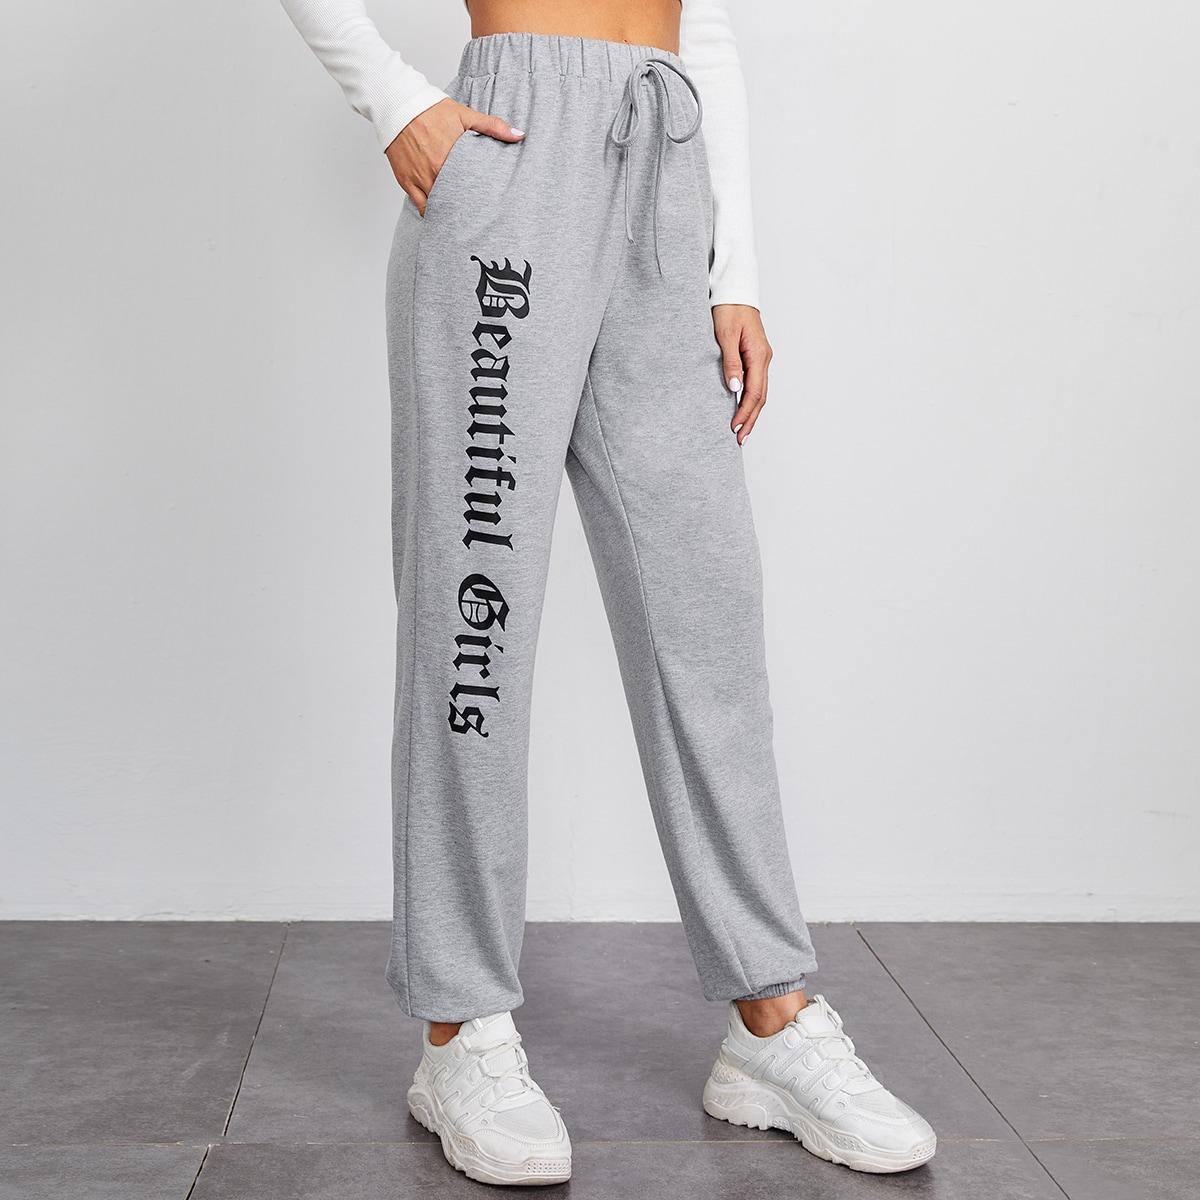 Спортивные брюки с текстовым принтом и узлом